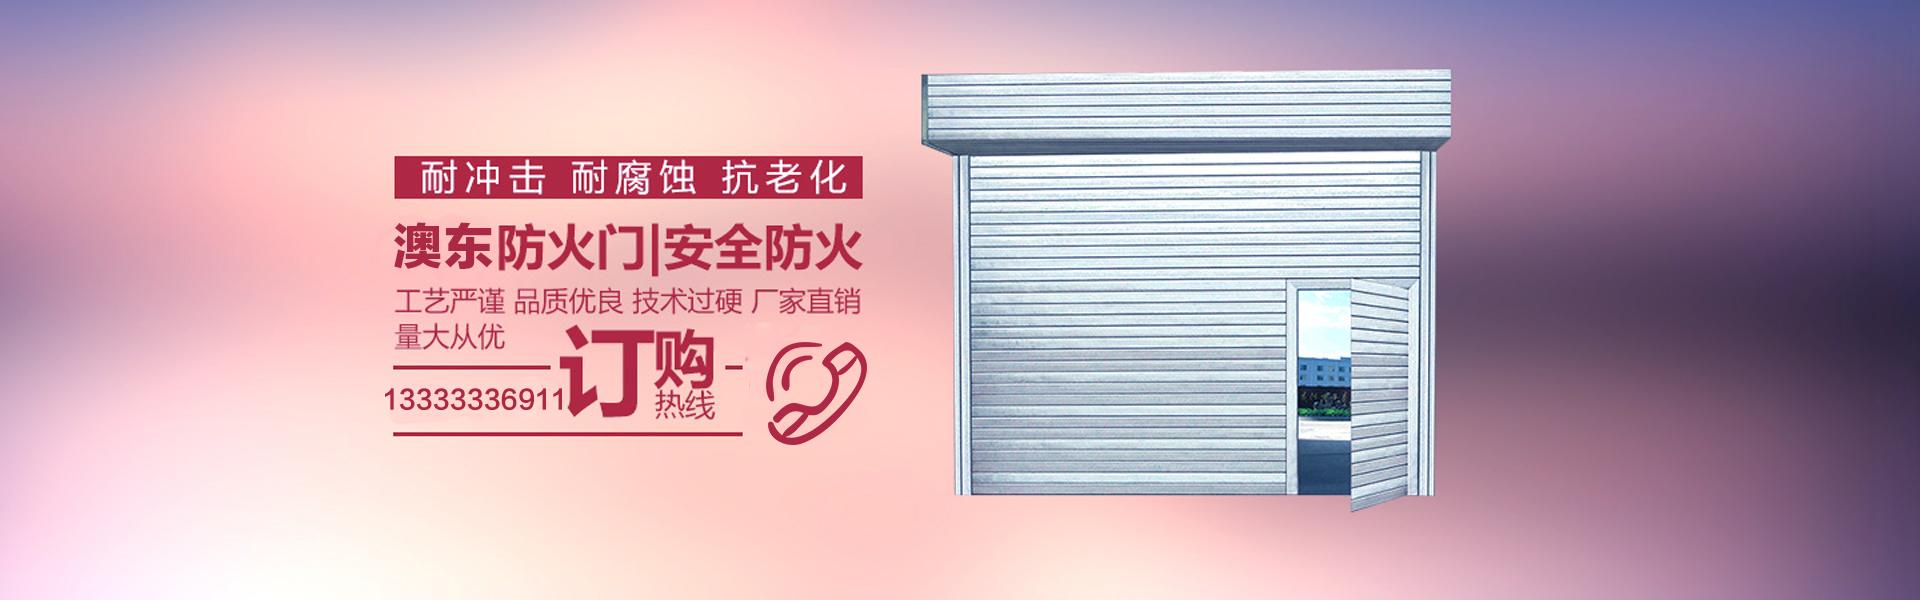 秦皇岛钢质防火卷帘门